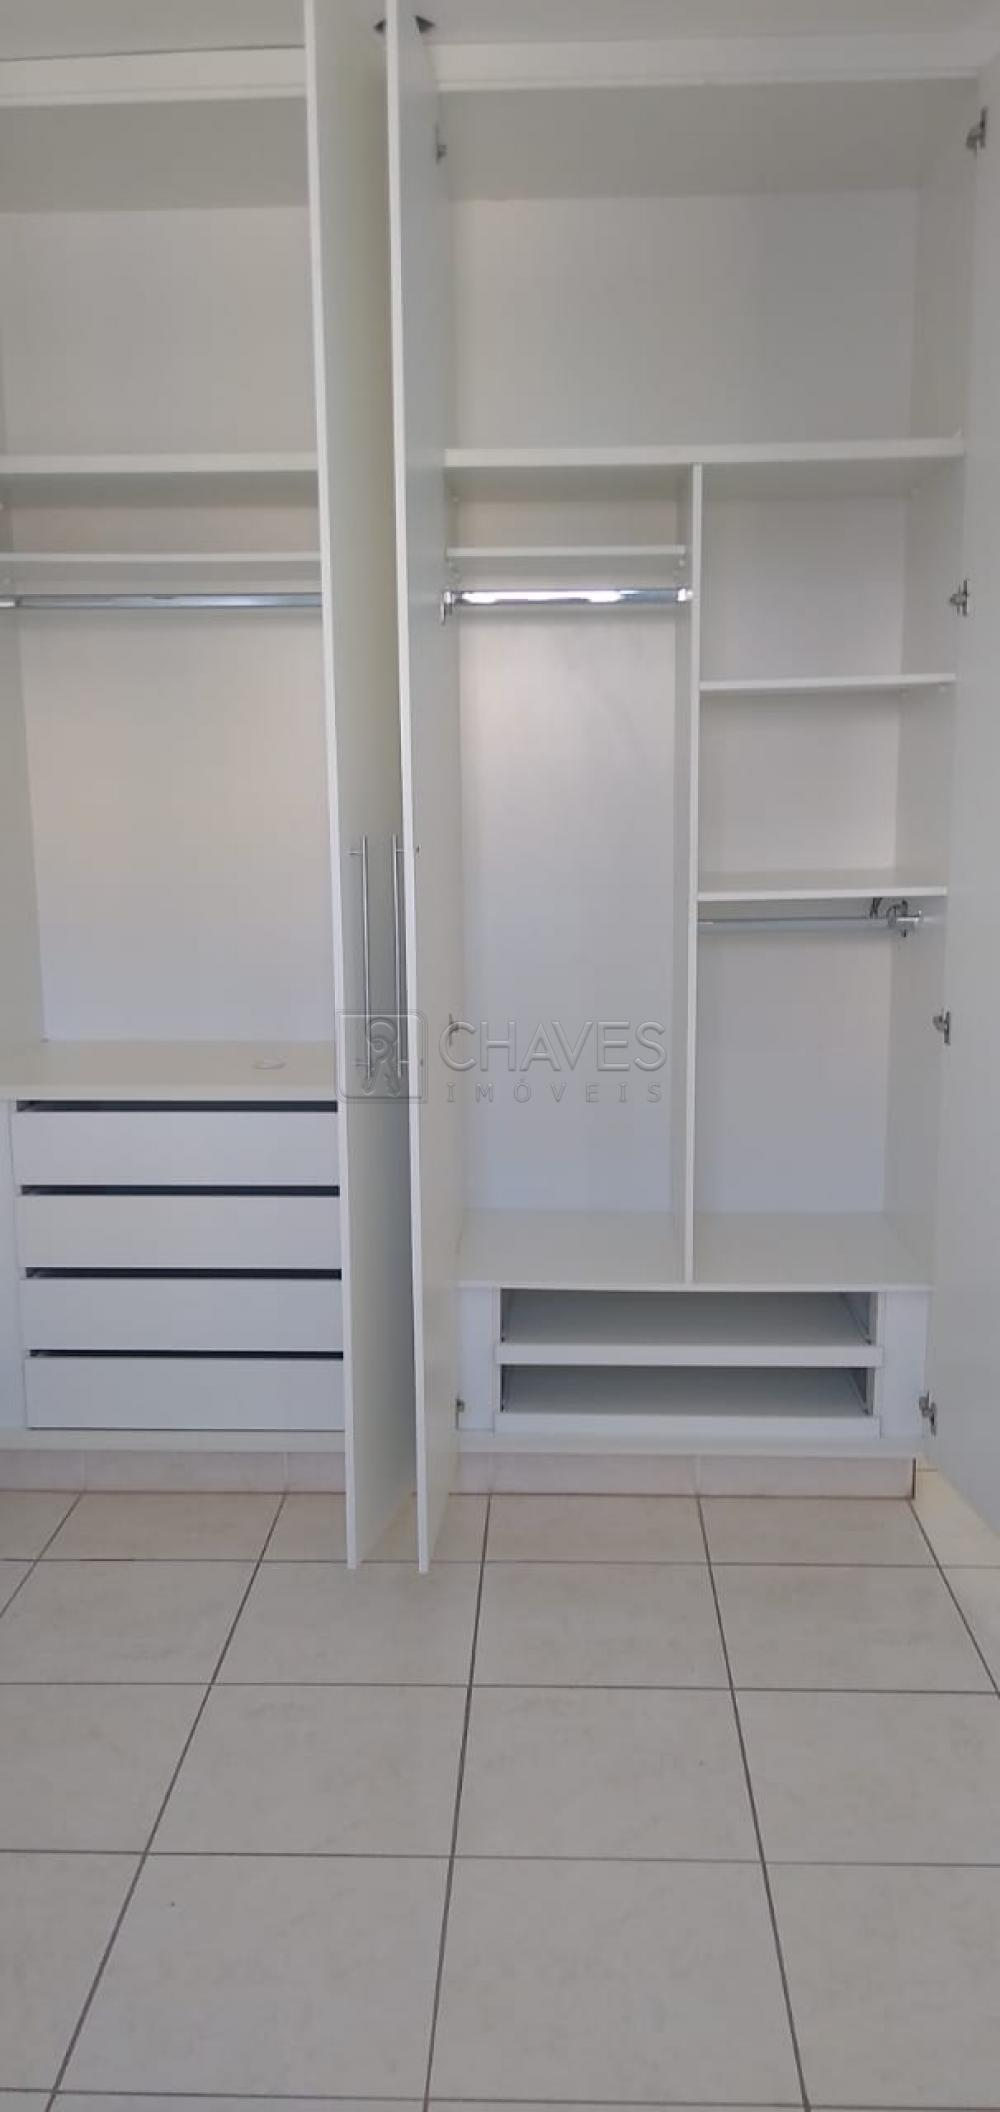 Alugar Apartamento / Padrão em Ribeirão Preto R$ 990,00 - Foto 9